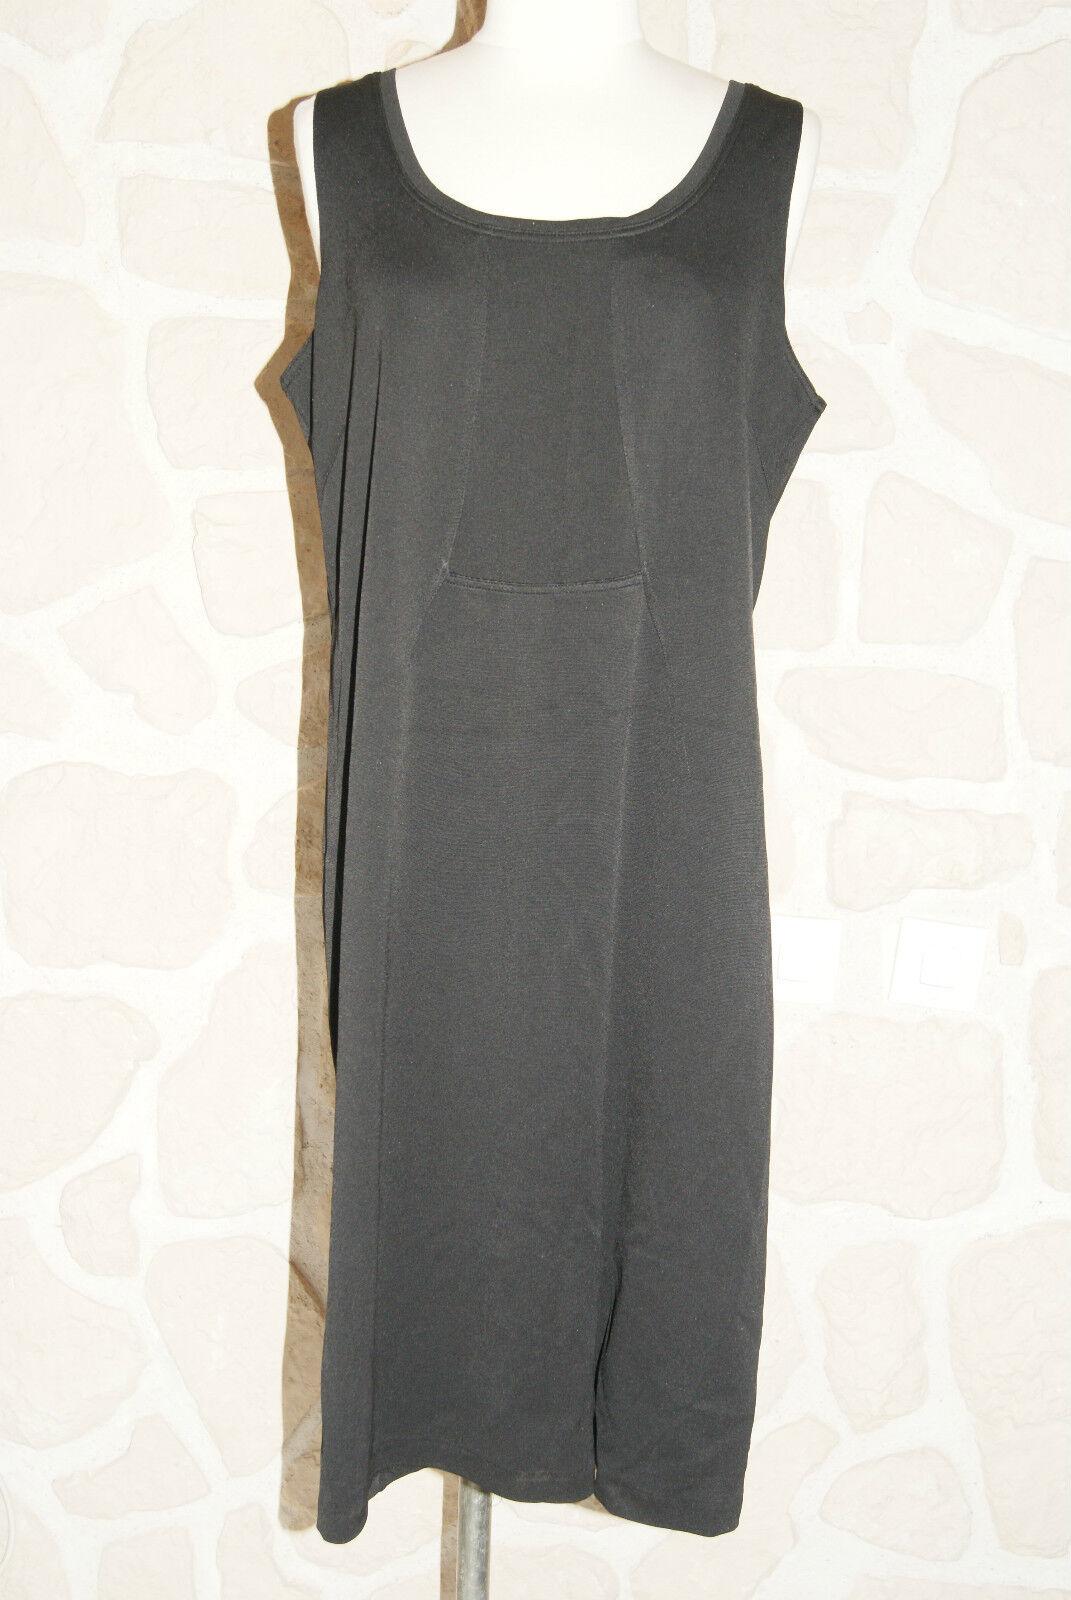 Robe neuve schwarze Größe 2 (48 50) marque GIANI FORTE (étiqueté à )